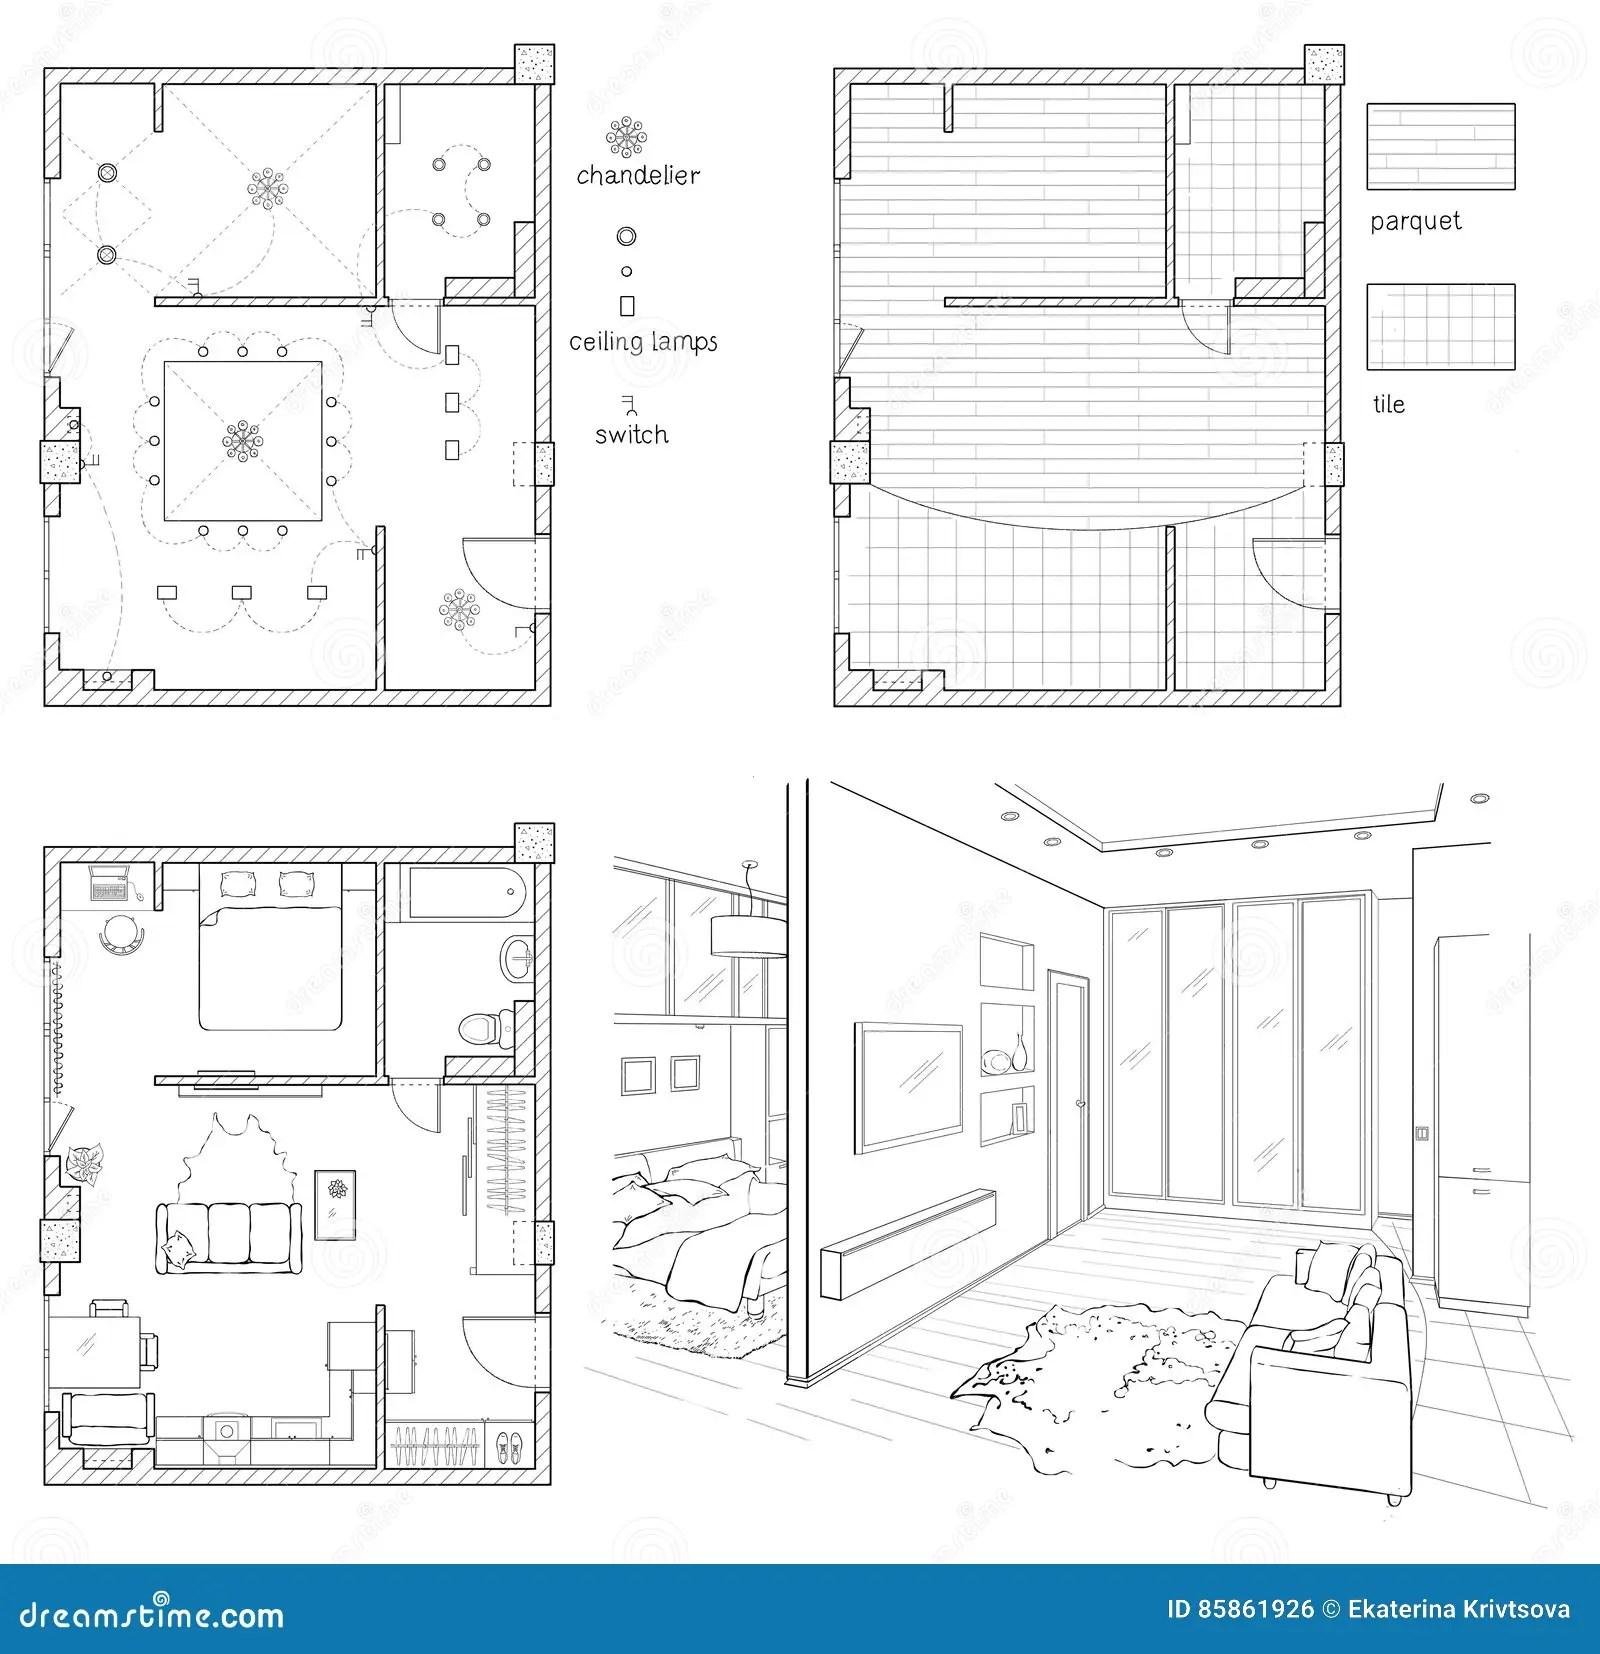 Digital Illustration Floor Plan And Room Sketch. Stock